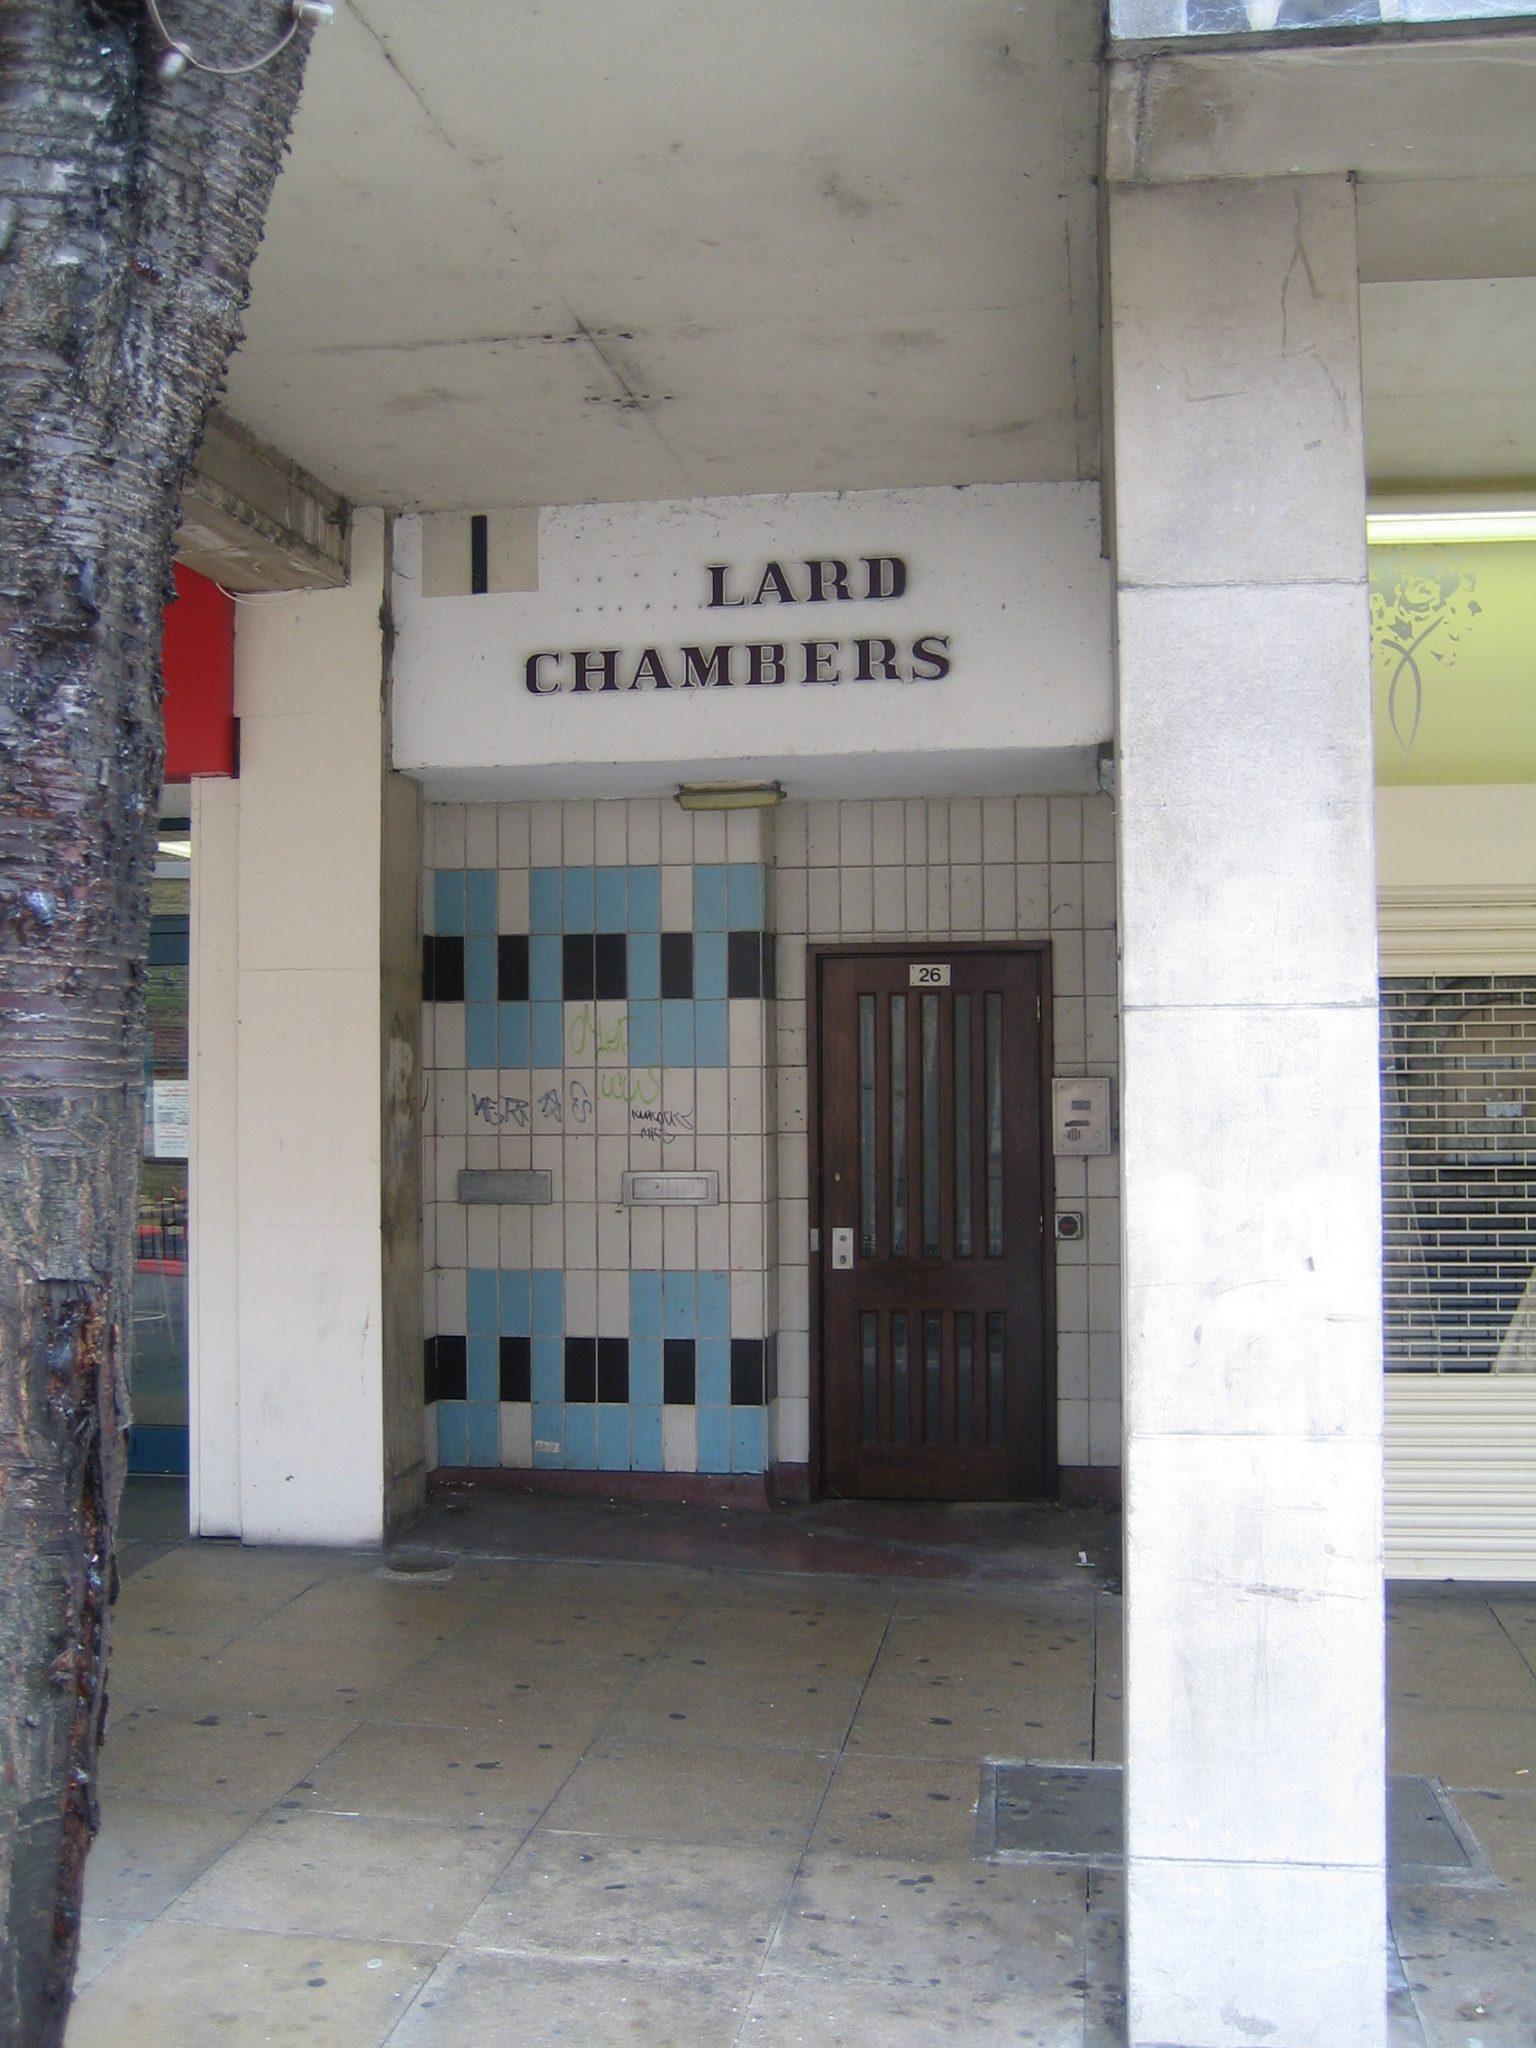 lard chambers